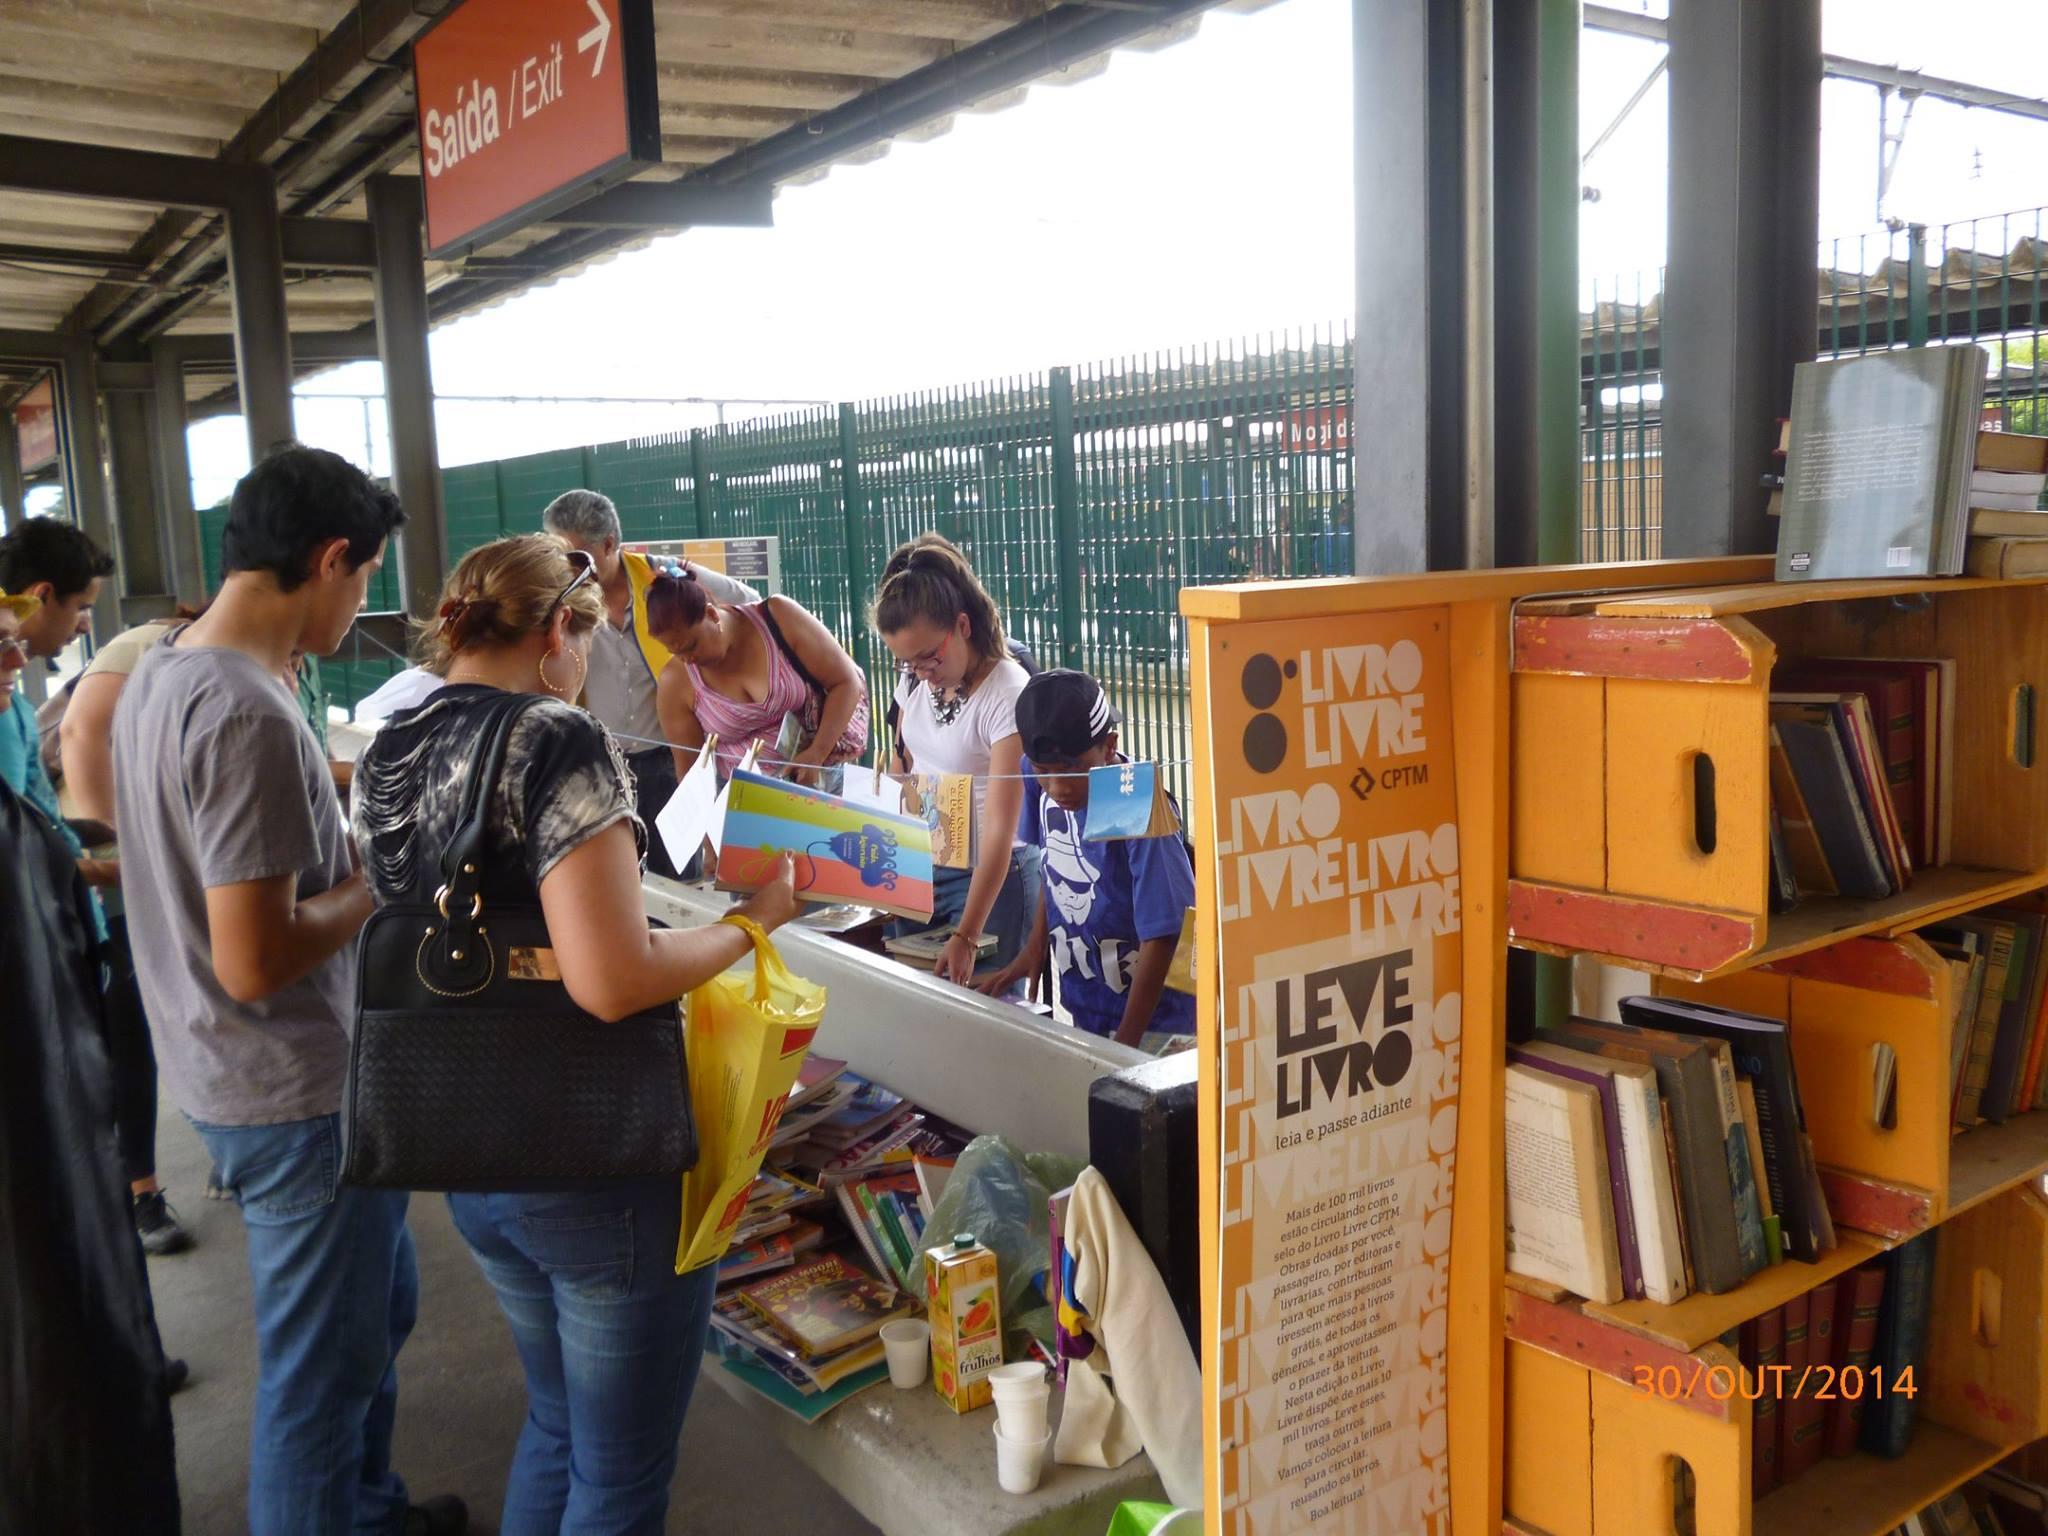 Estações da CPTM distribuirão livros gratuitamente